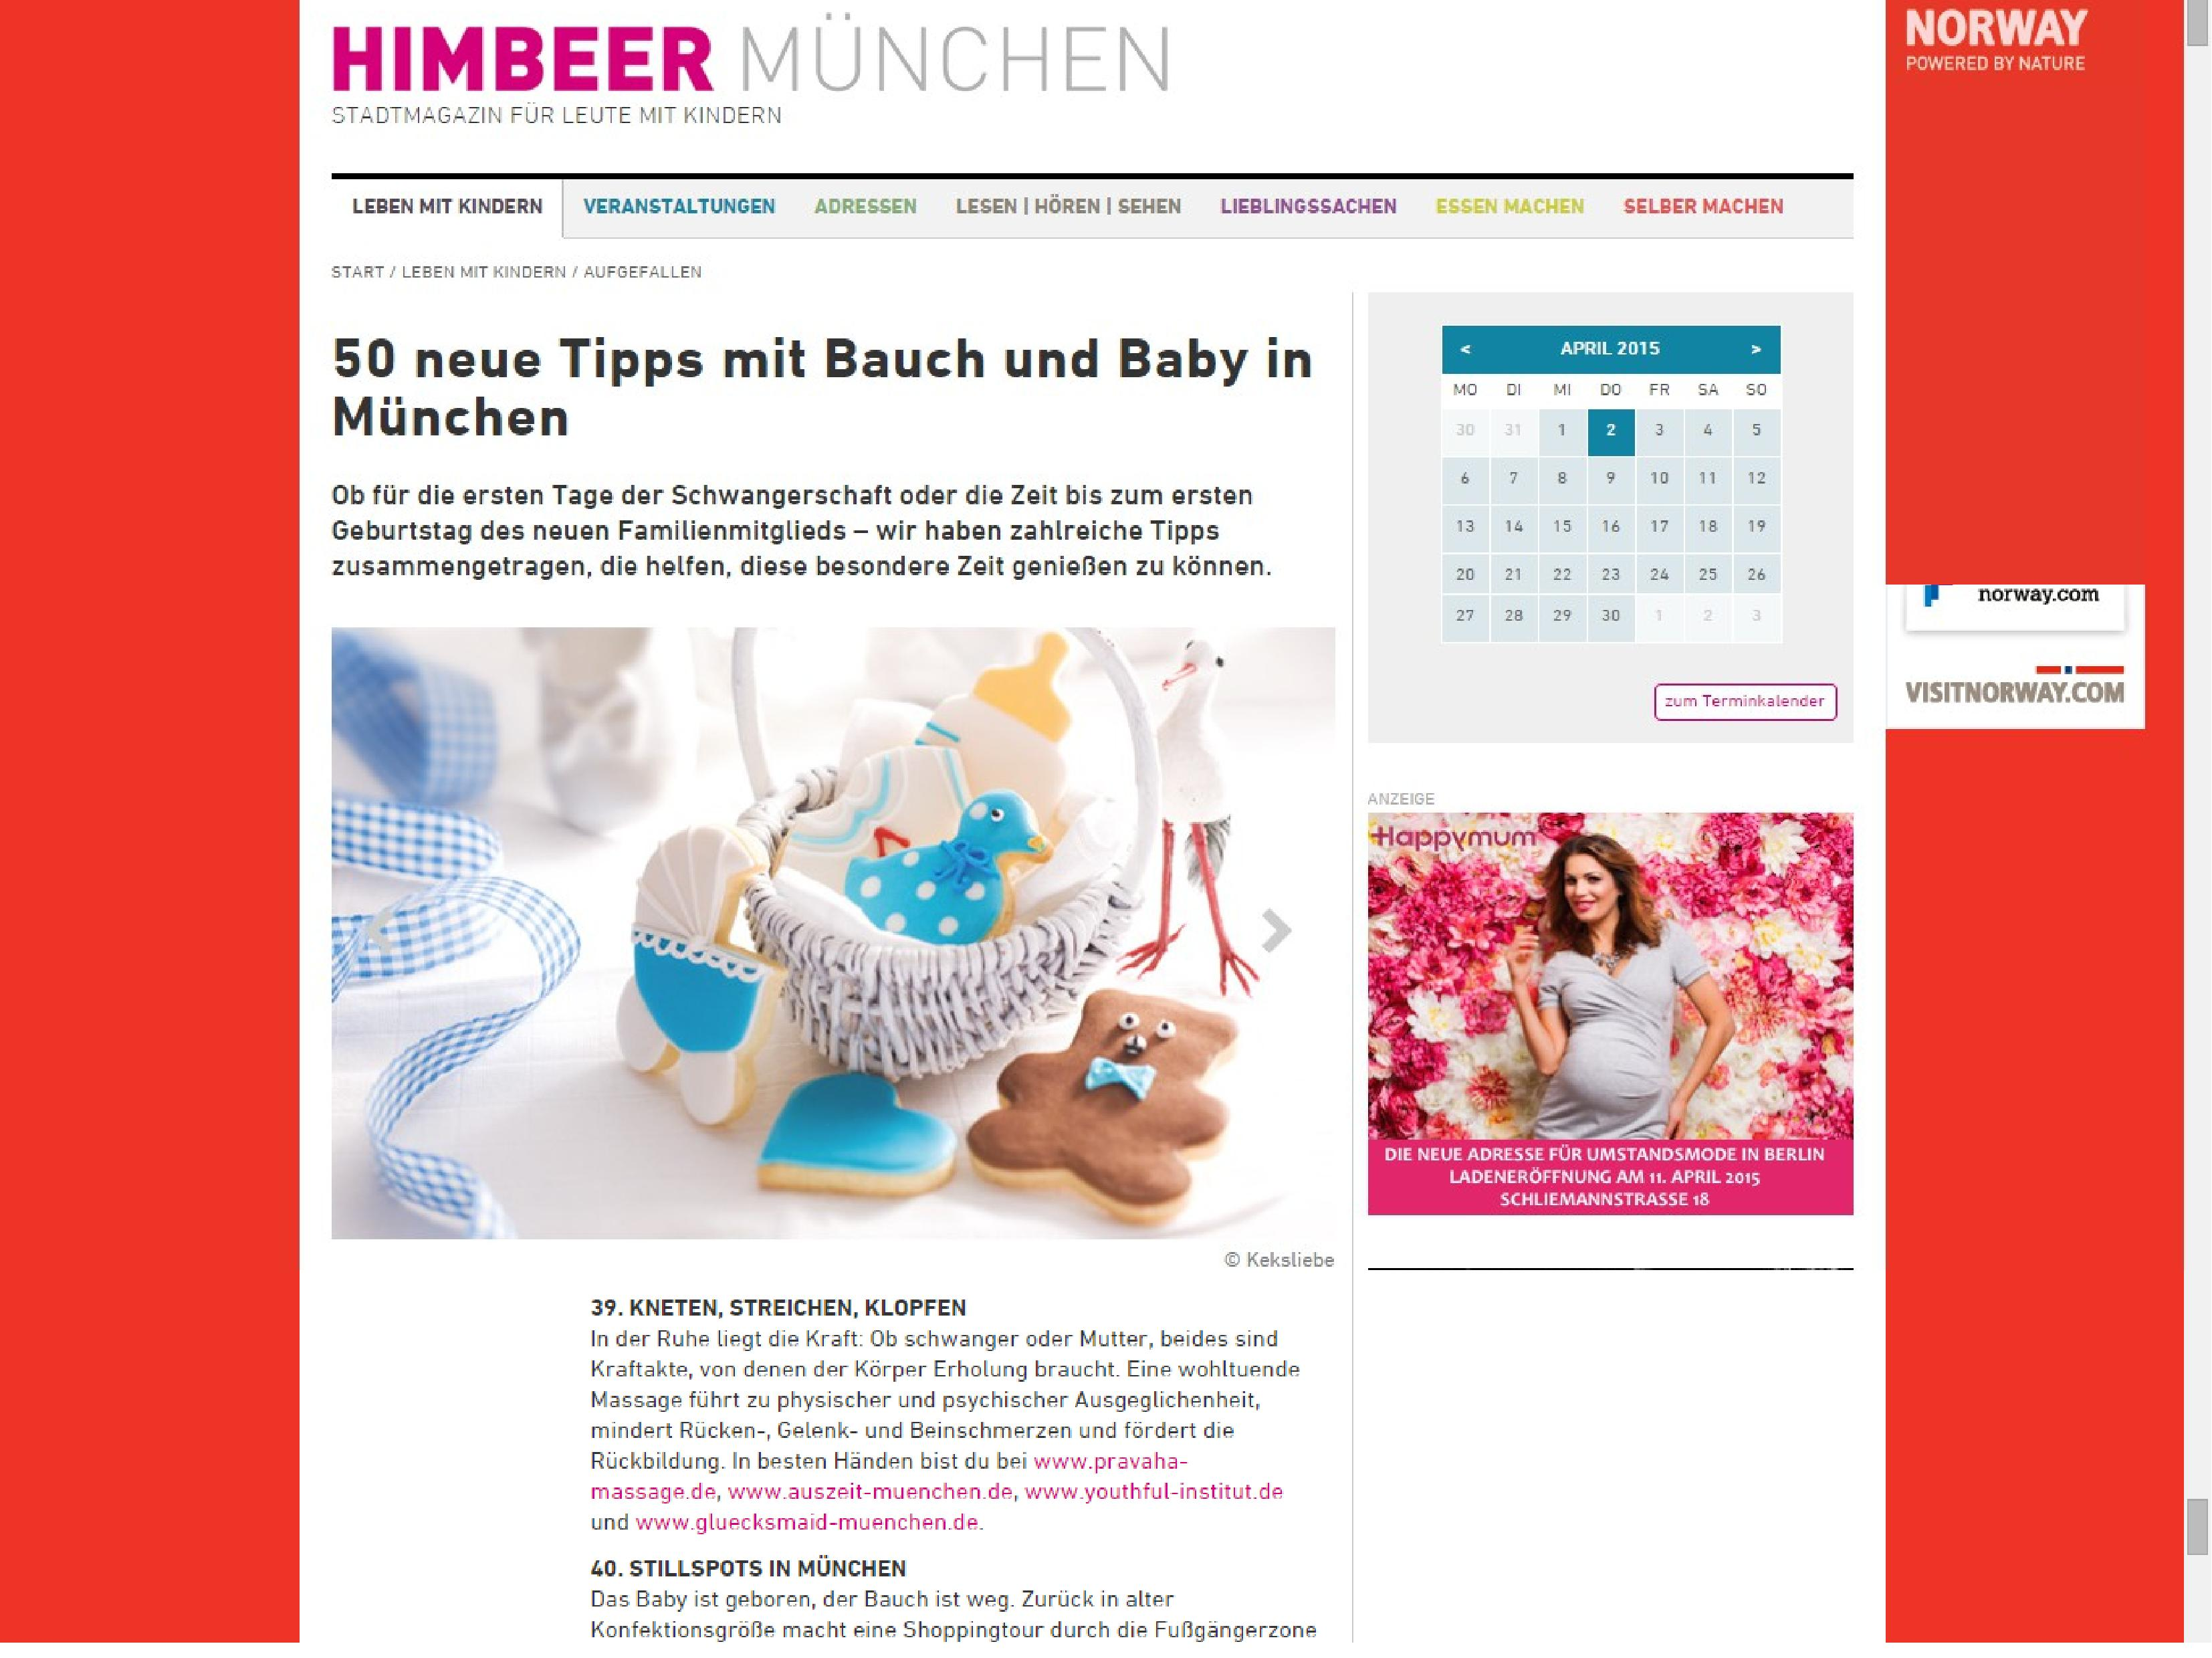 Himbeer Magazine